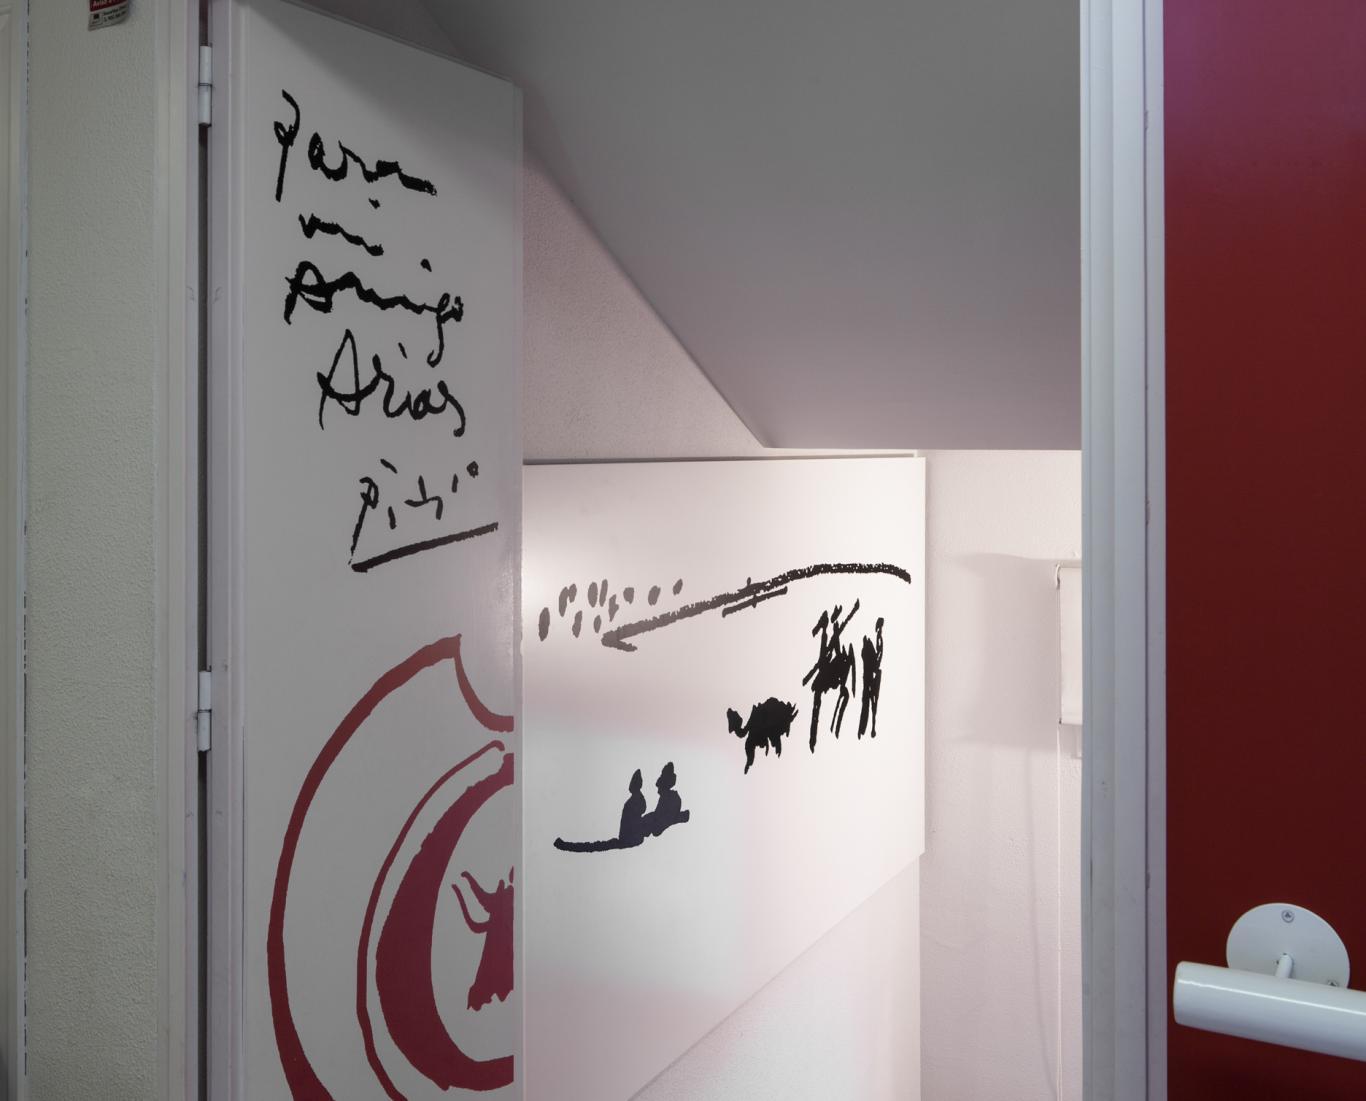 Puerta blanca con unos dibujos en color negro